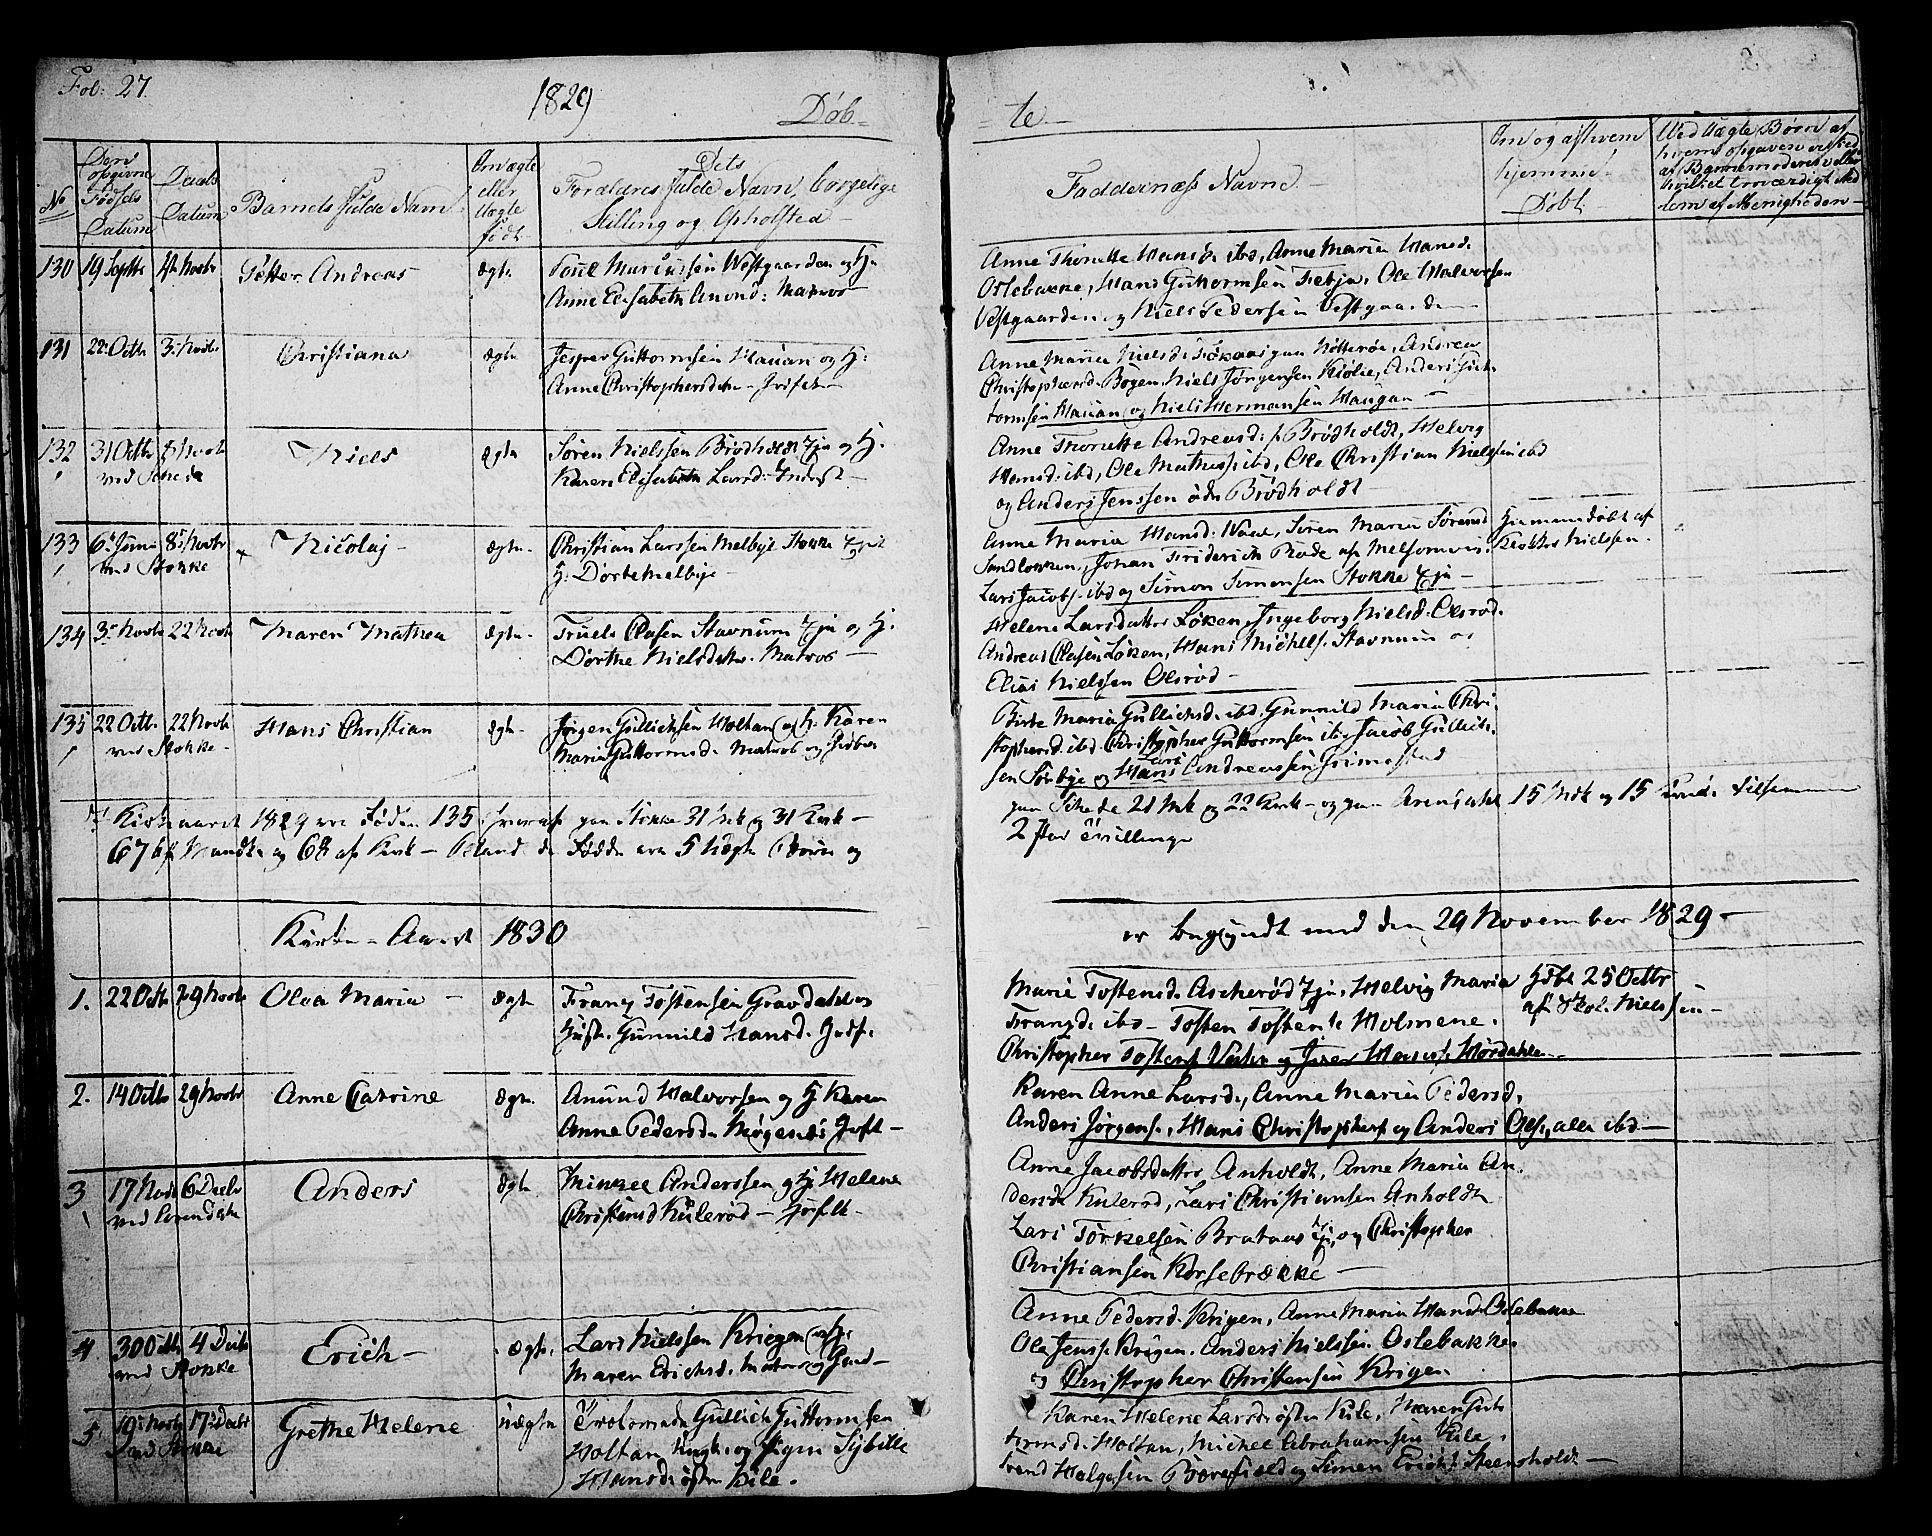 SAKO, Stokke kirkebøker, F/Fa/L0006: Ministerialbok nr. I 6, 1826-1843, s. 27